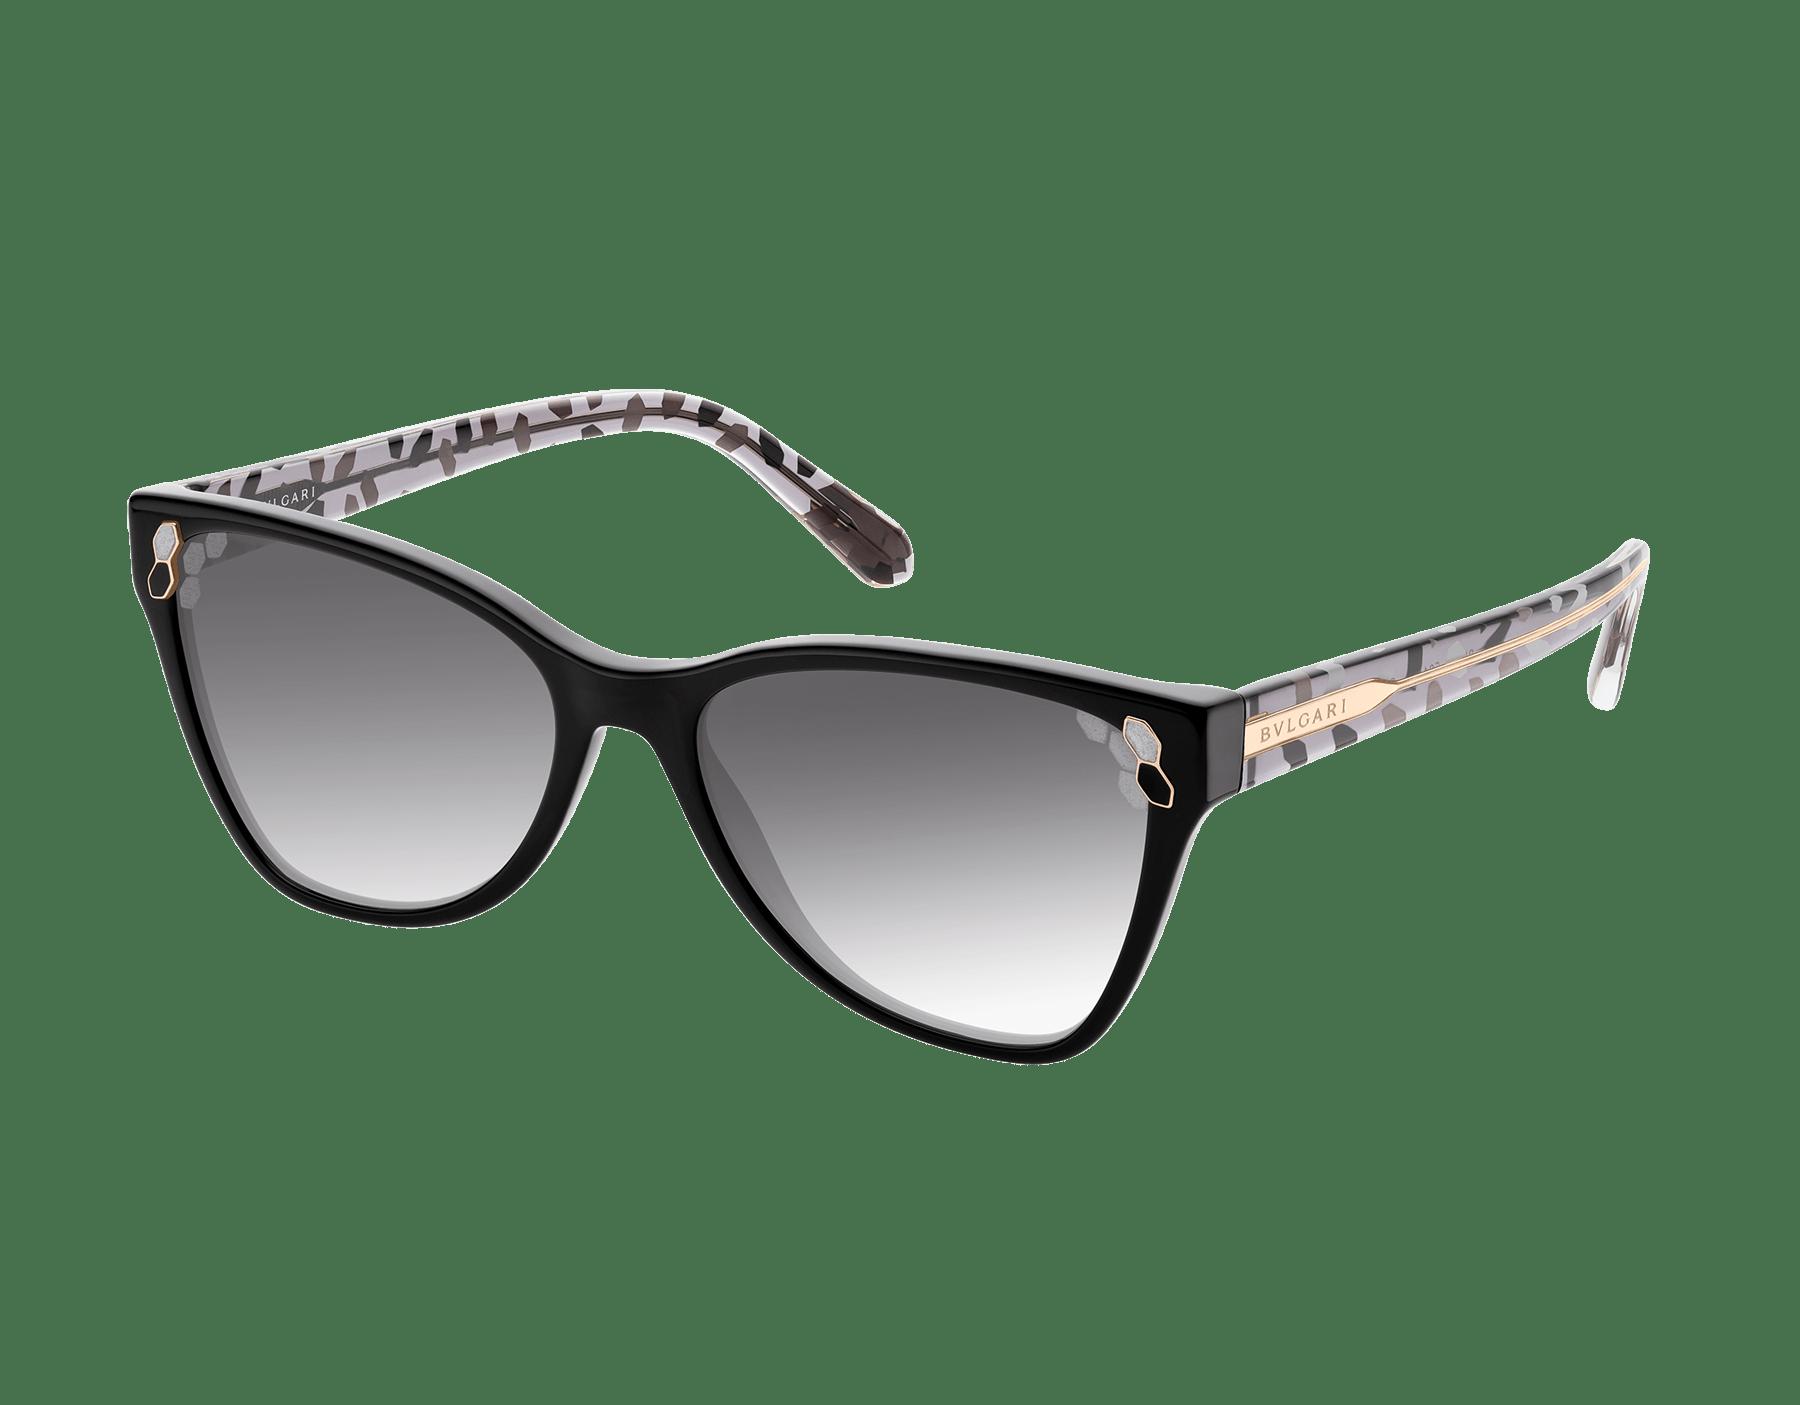 Óculos de sol Bvlgari Serpenti Powercandy com formato olho de gato em acetato. 903570 image 1